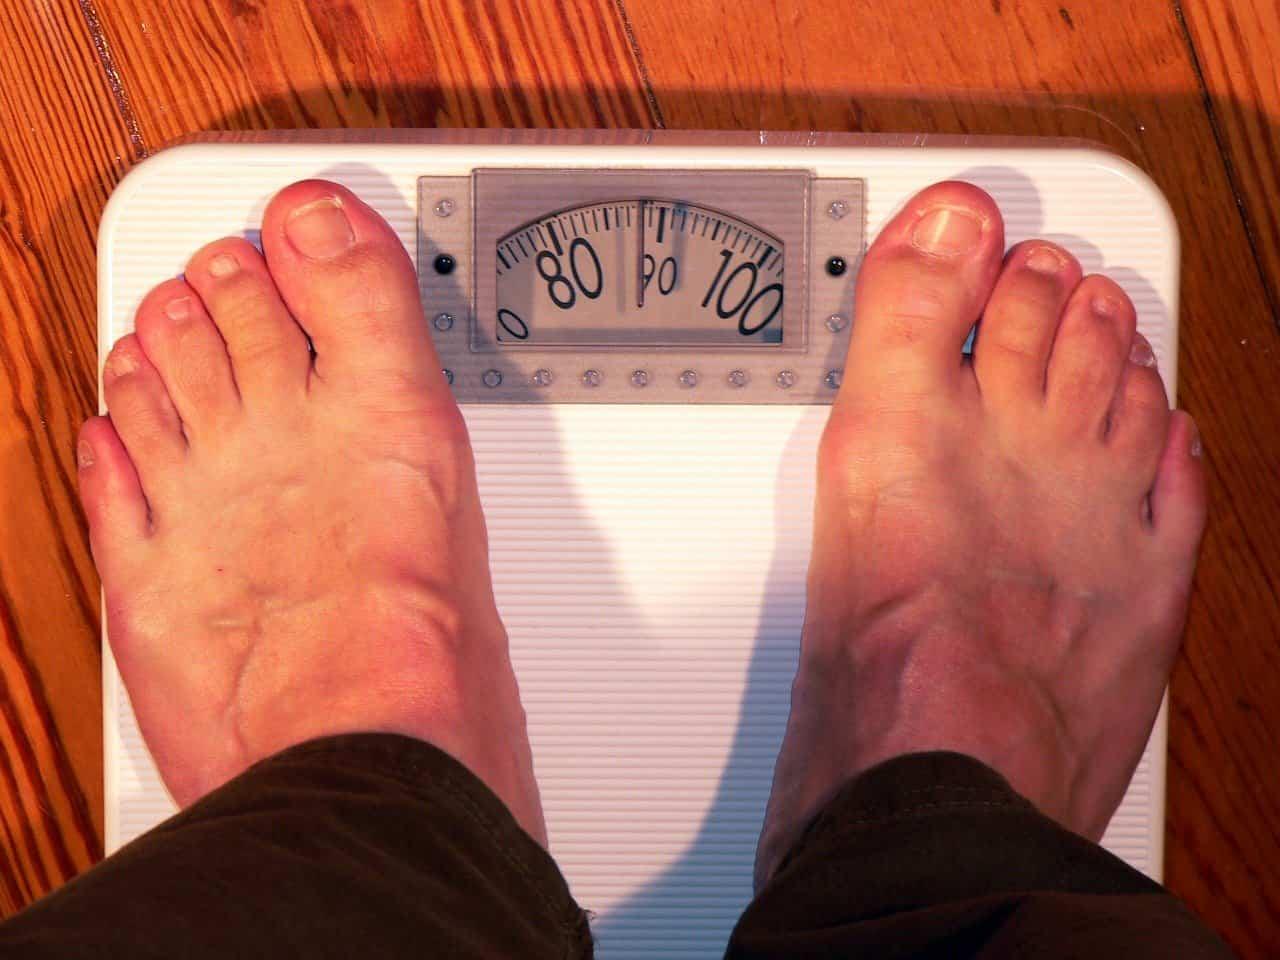 Quanto dovrei pesare in base all'altezza? Calcolo del peso ideale